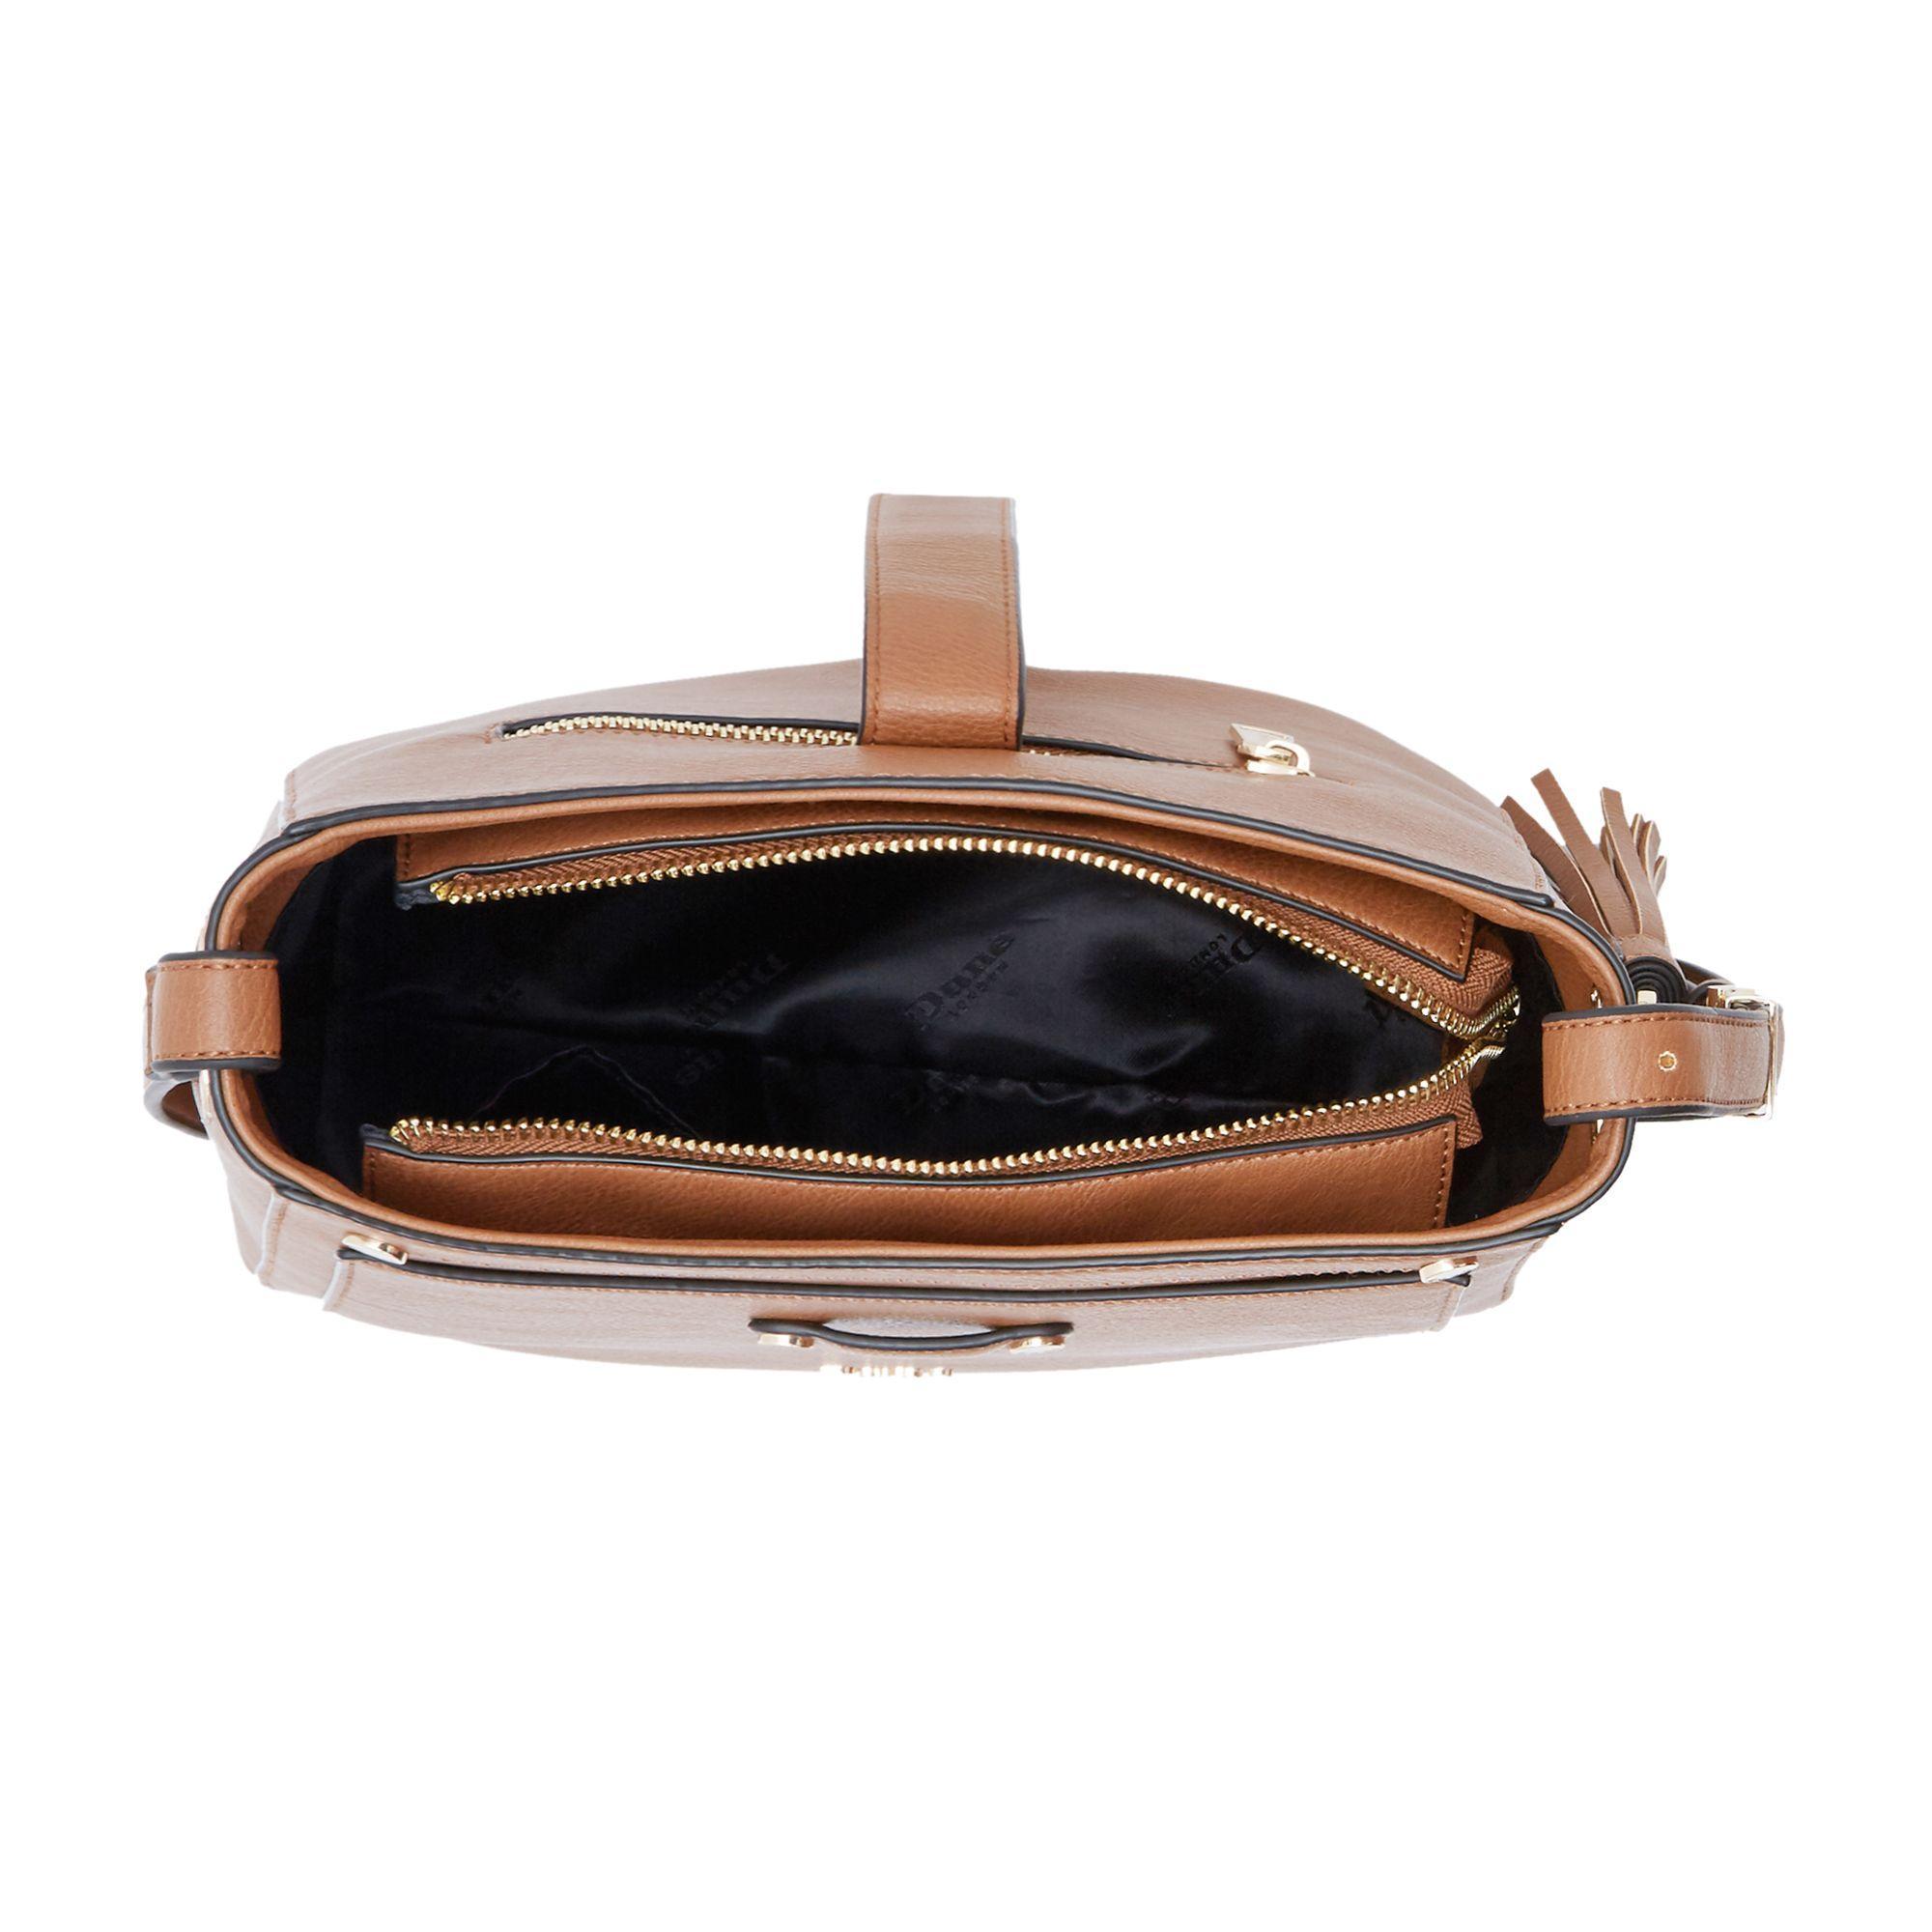 Dune Danao Medium Strap Detail Crossbody Bag in Tan (Brown)